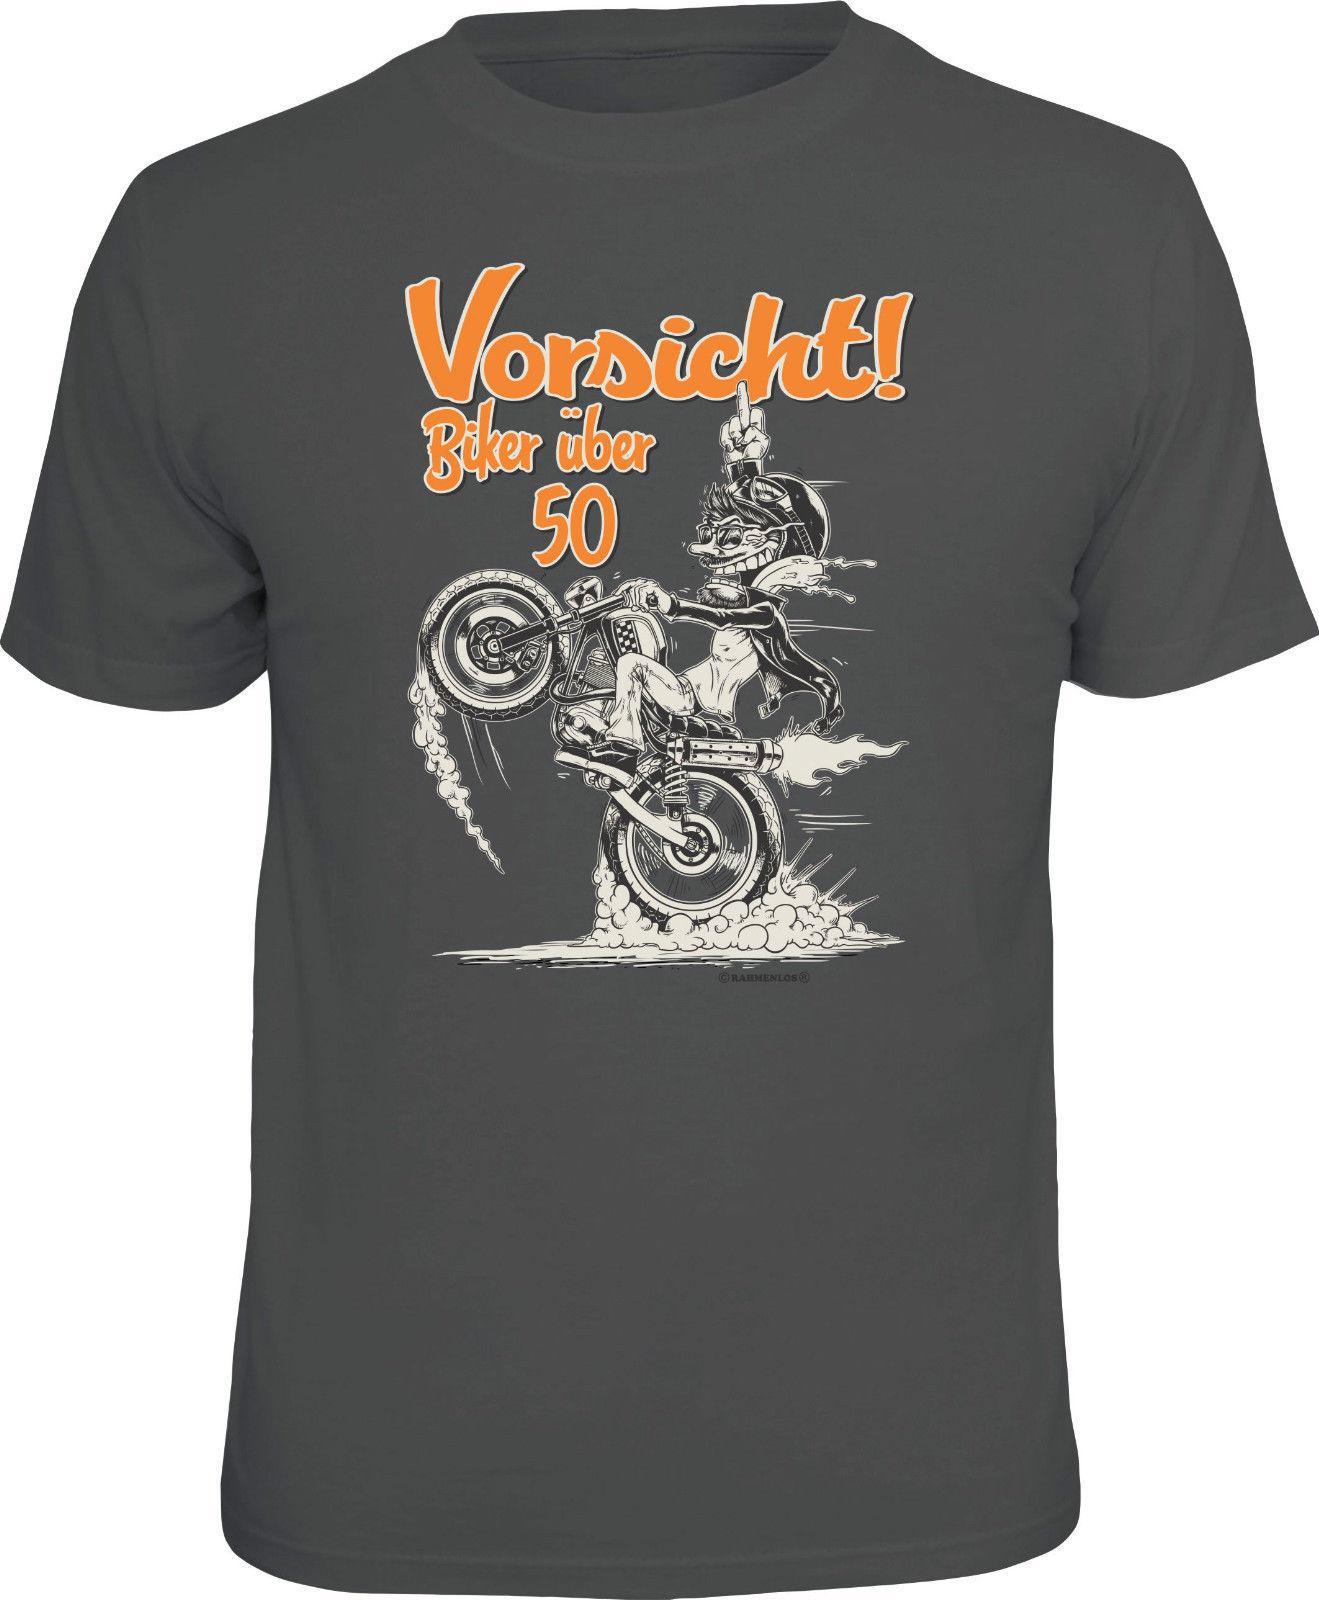 Geburtstag T Shirt Vorsicht Biker Uber 50 Motorrad Shirt Geschenk